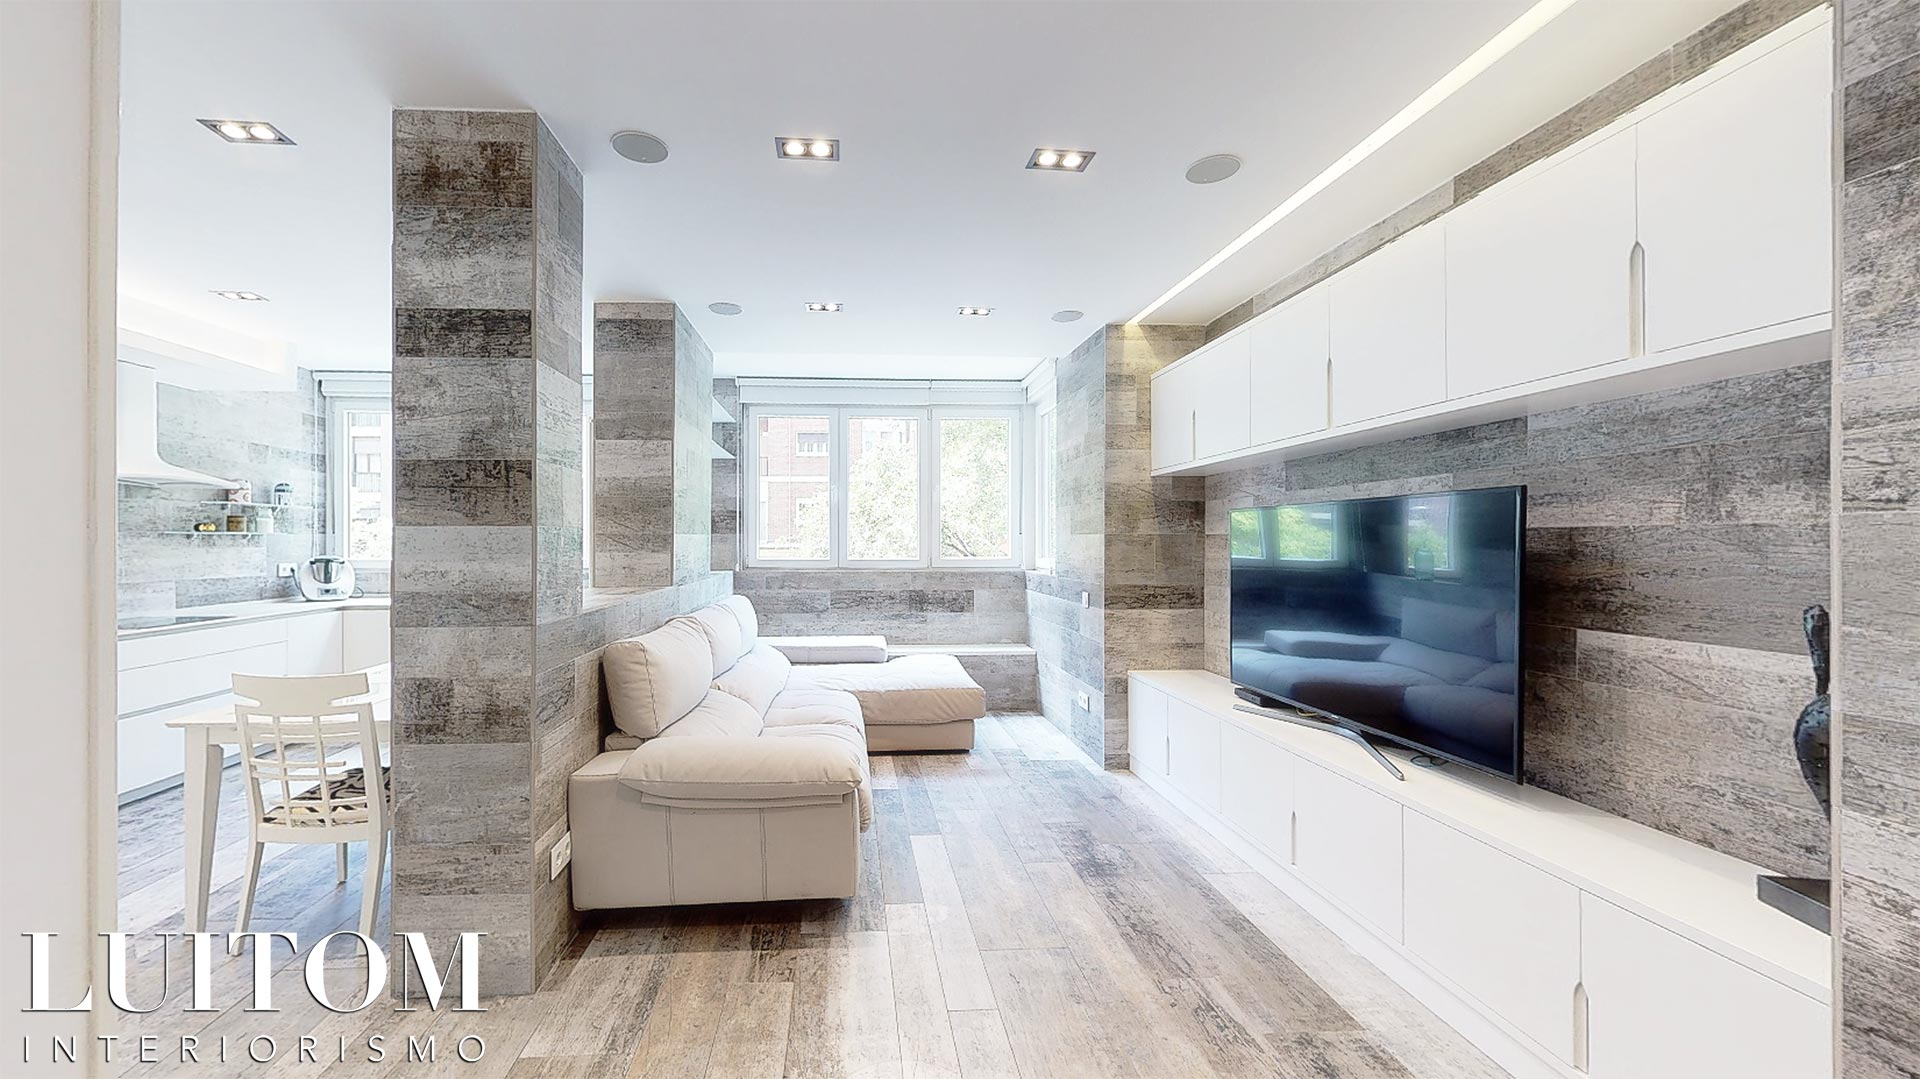 reformas-interiorismo-decoracion-reforma-integral-vivienda-en-retiro-arquitectos-madrid-integrar-salon-cocina-02